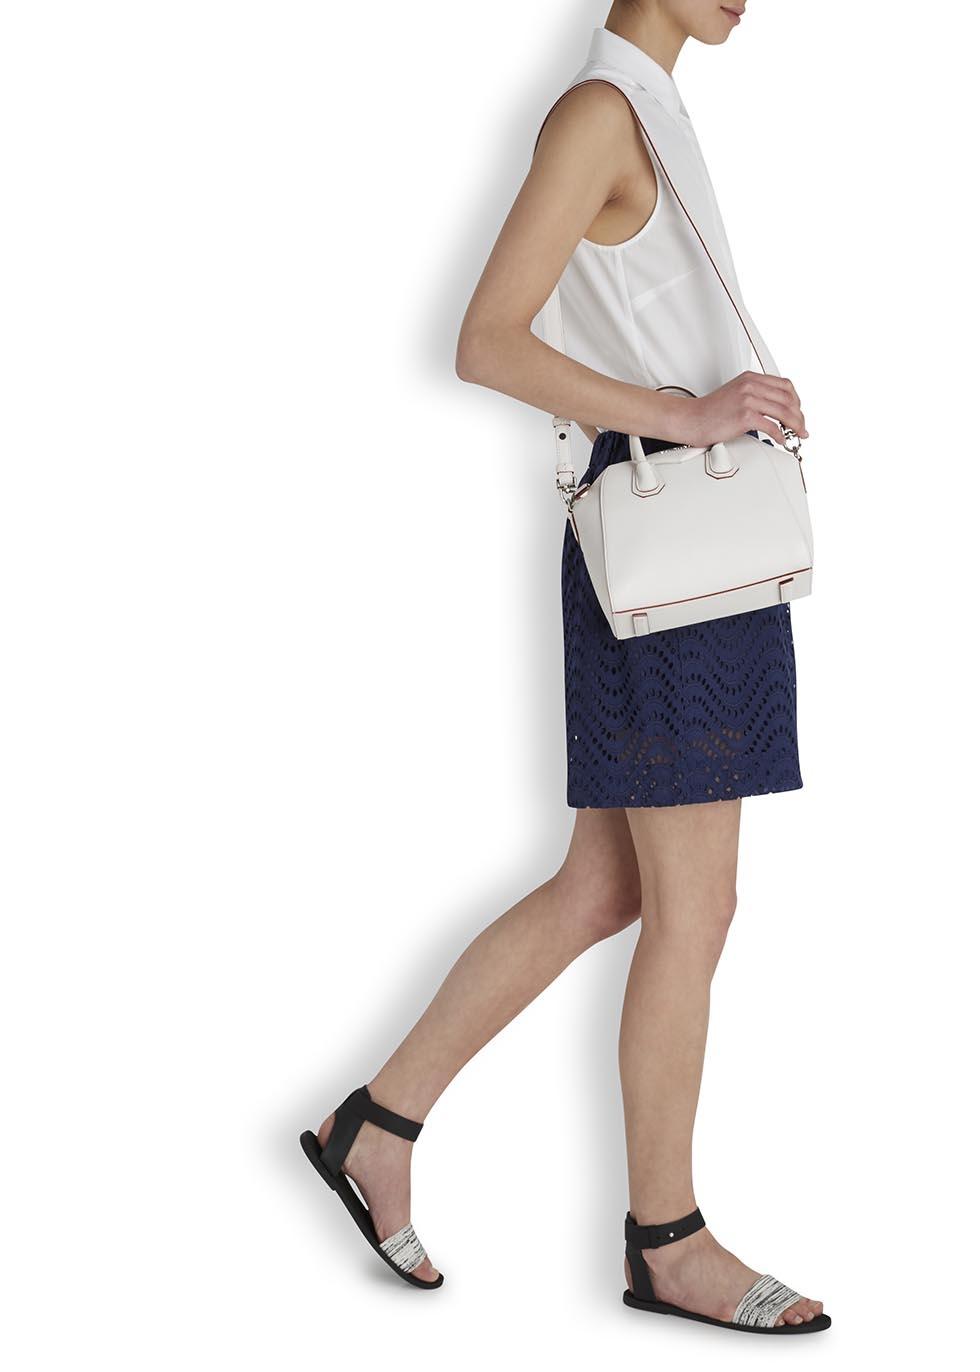 53fdb0560e Givenchy Antigona White Mini Leather Tote in White - Lyst